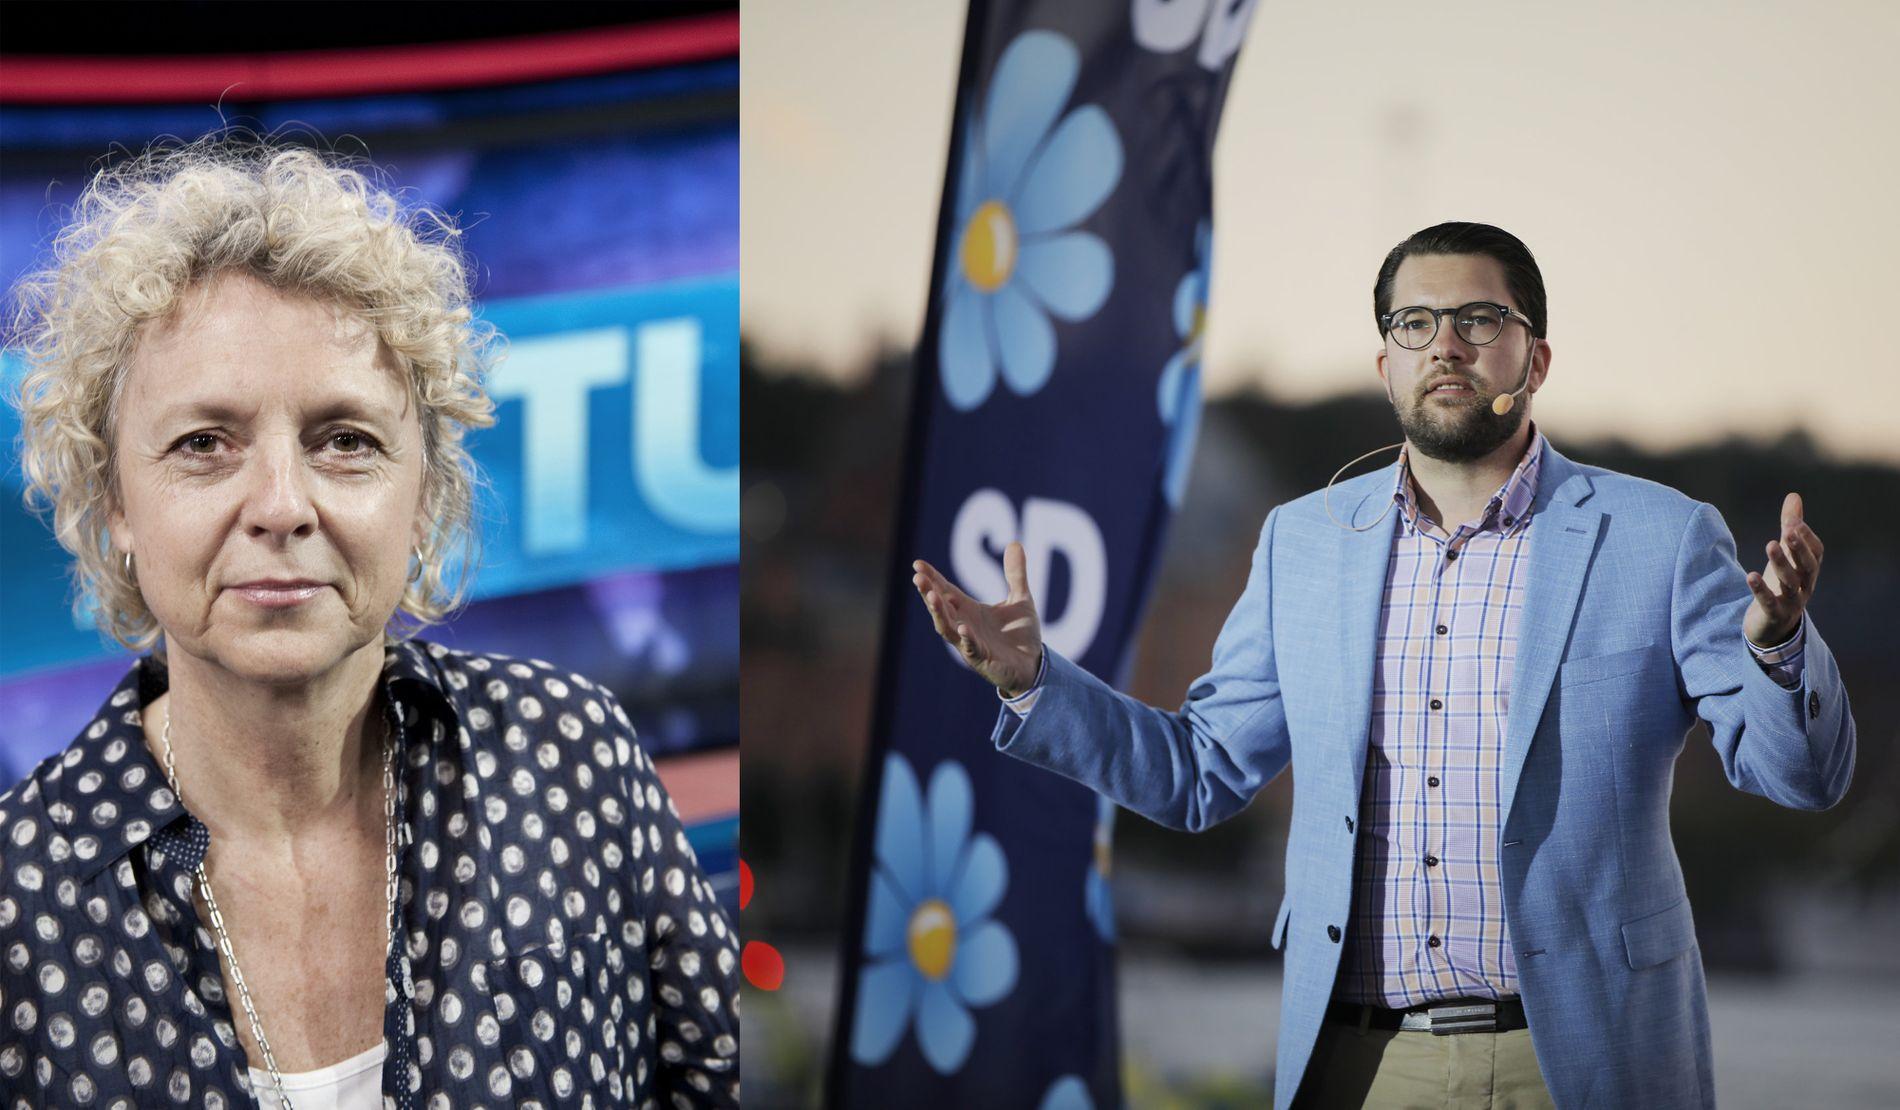 BYTTES UT: Eva Landahl, sjef for SVTs valgsendinger. Til høyre leder for Sverigedemokraterna Jimmie Åkesson.